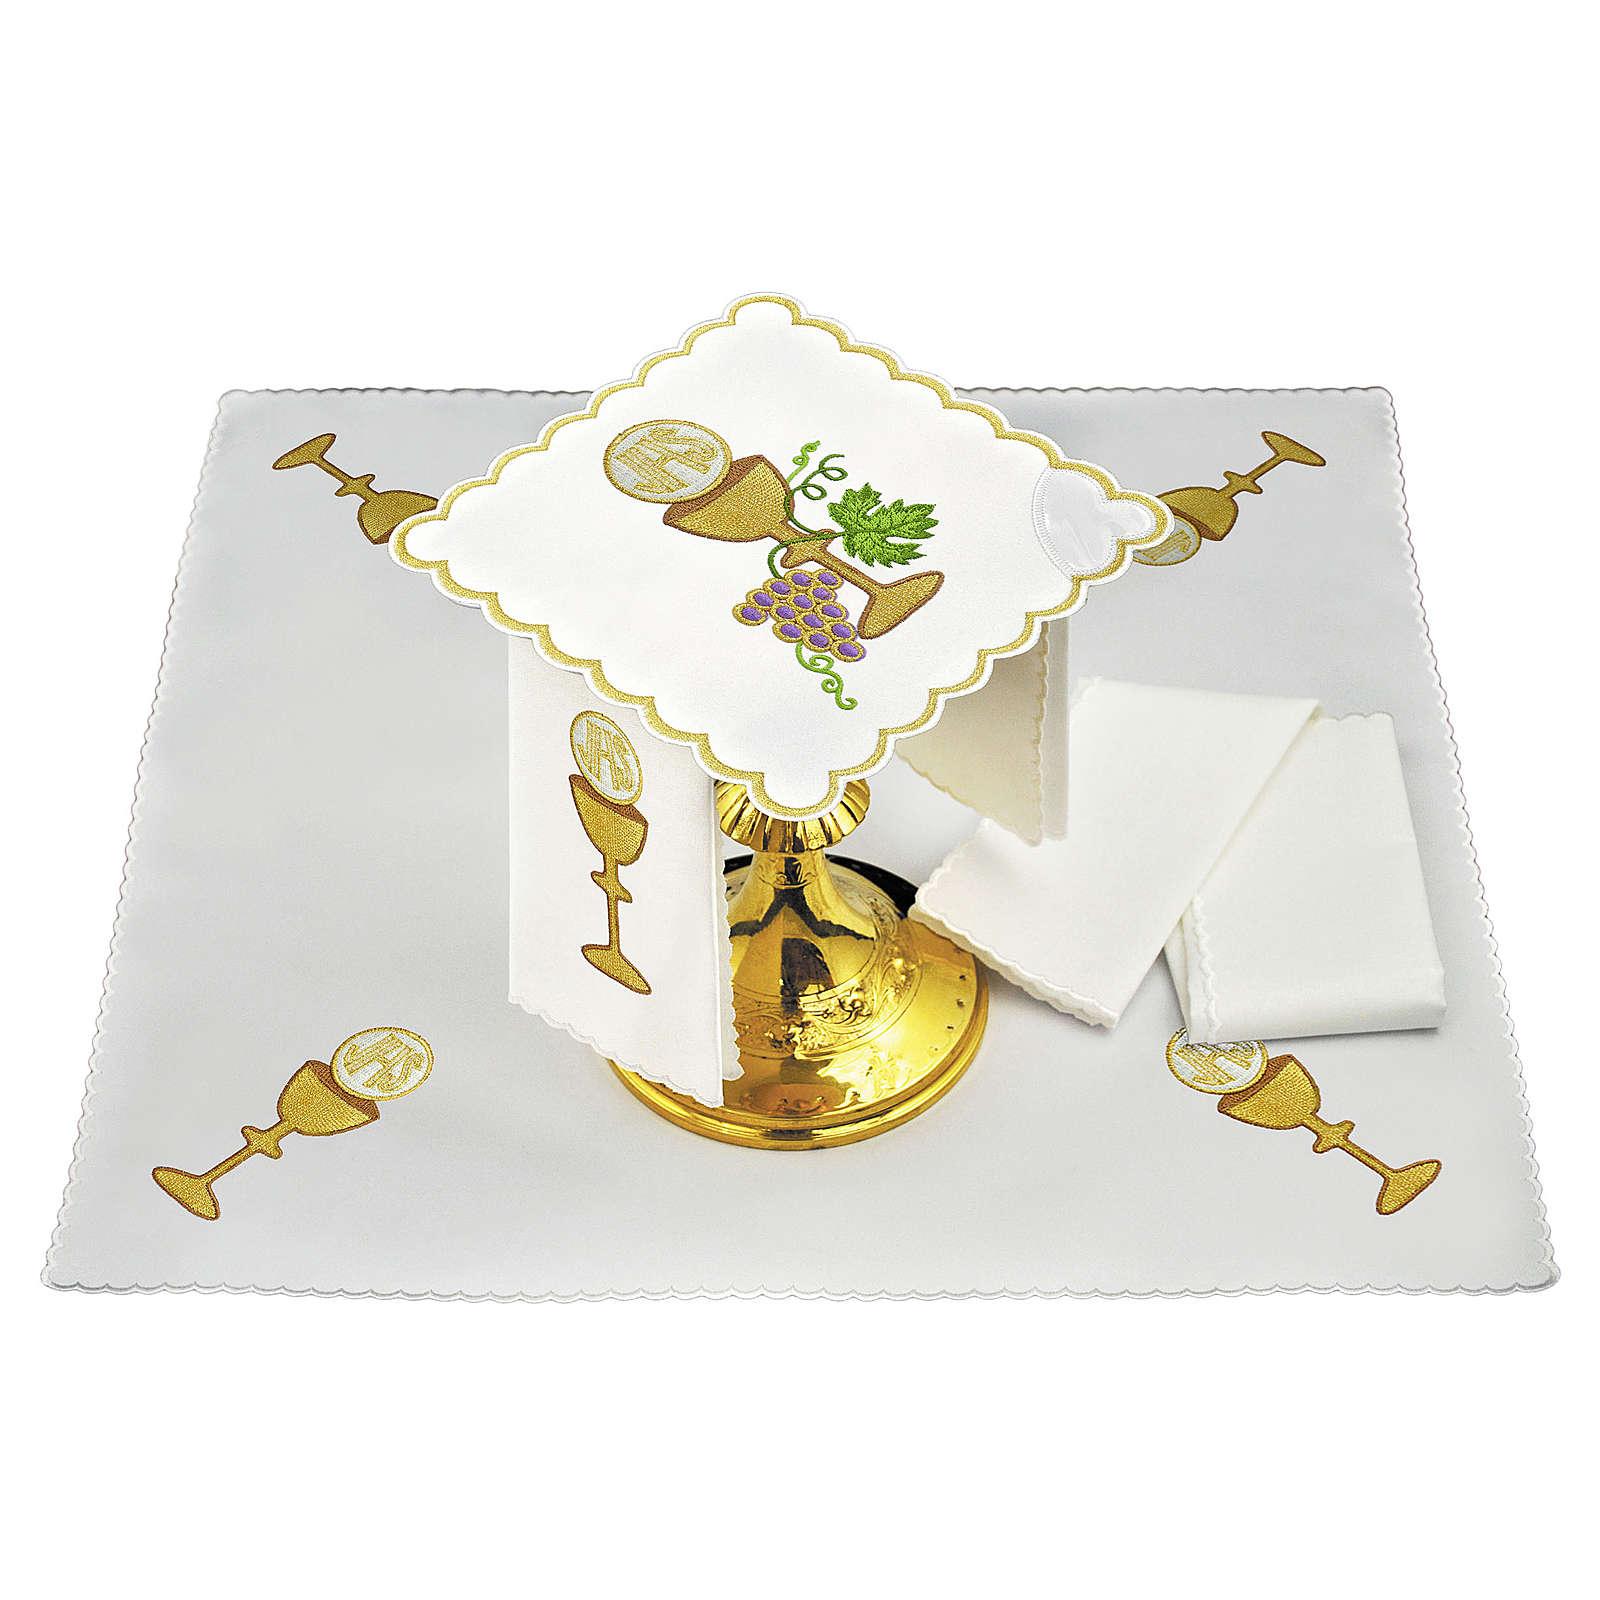 Servizio da altare lino uva contorni dorati calice ostia JHS 4